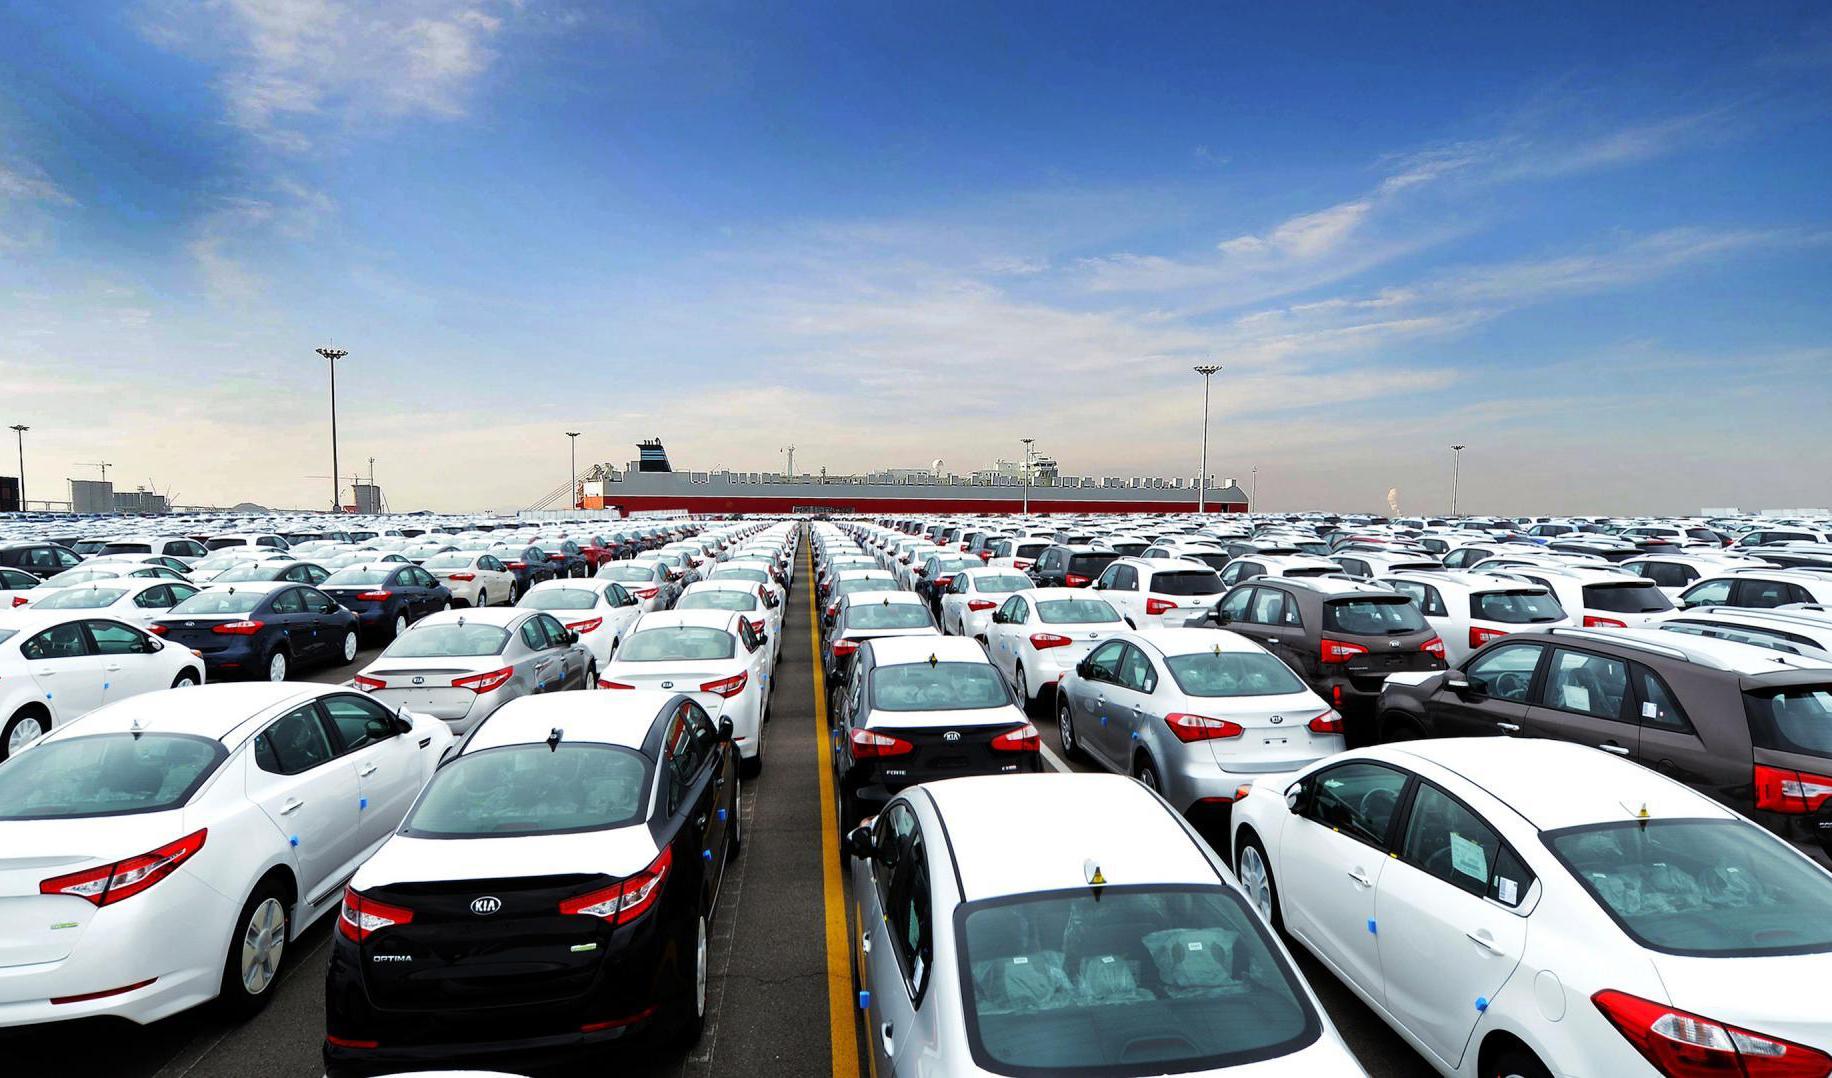 دبیر انجمن واردکنندگان خودرو: آزادسازی واردات خودرو بعید به نظر می رسد